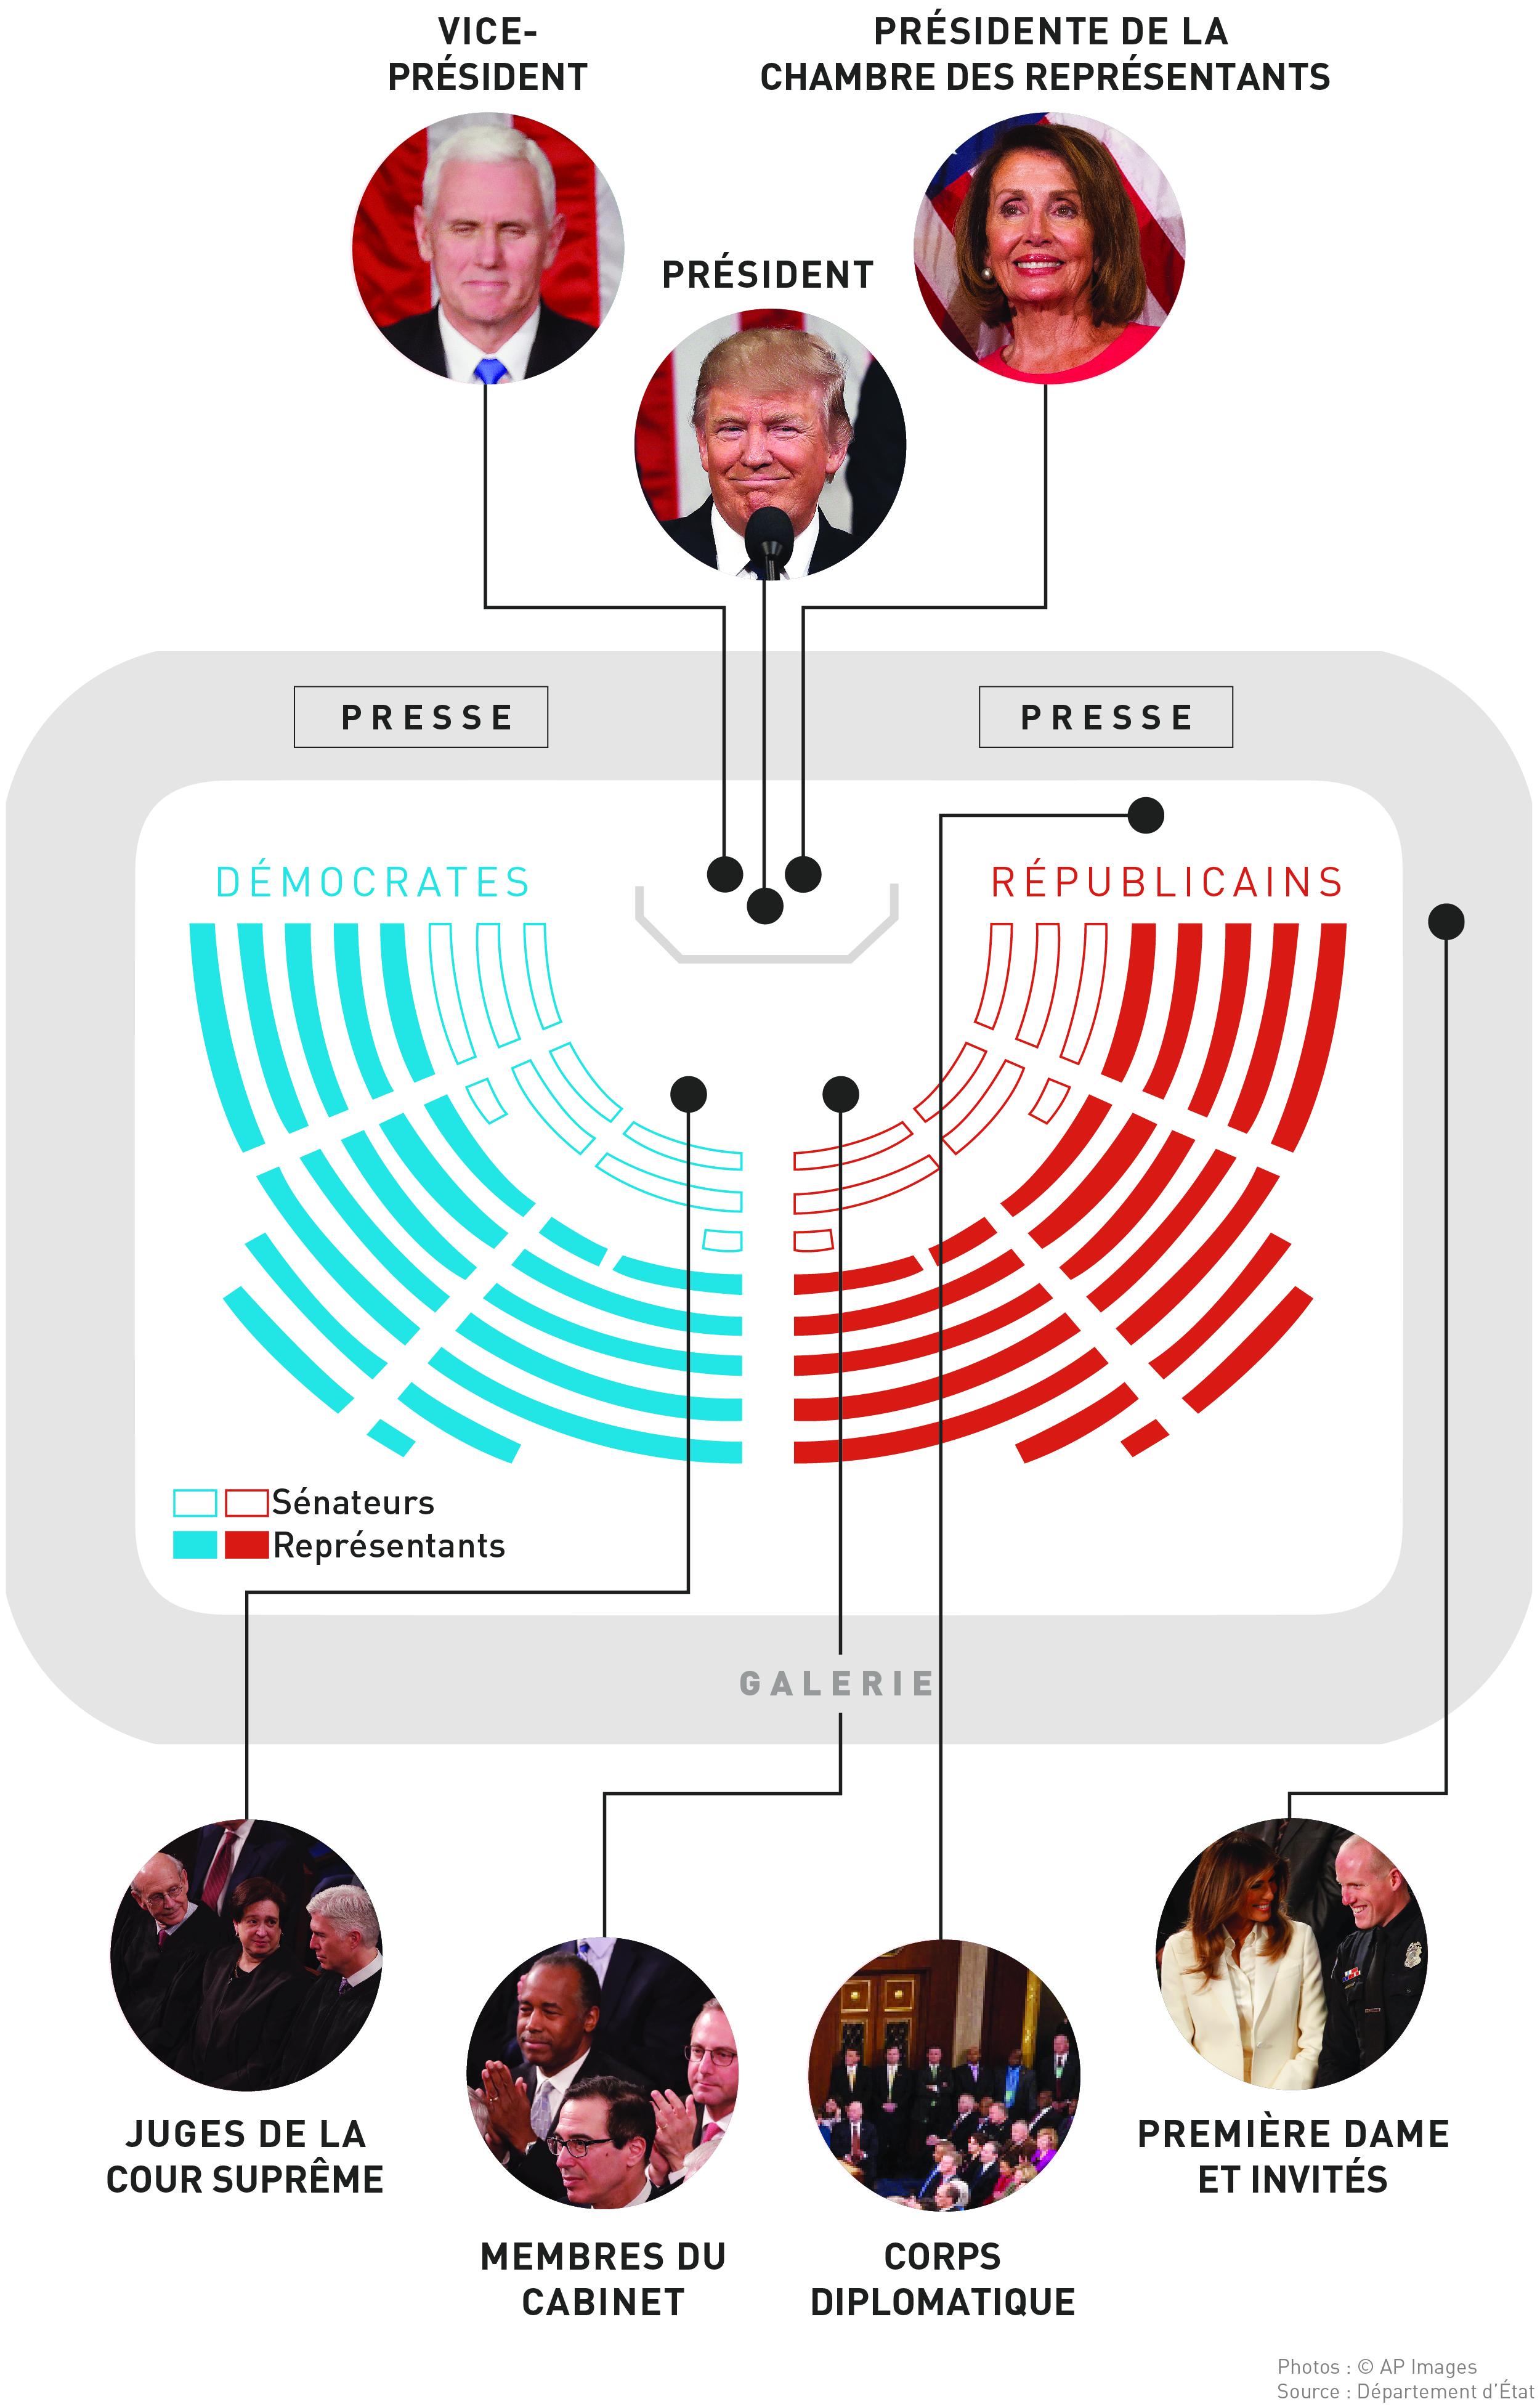 Graphique montrant où les différents membres de l'auditoire s'assoient lors du discours sur l'état de l'Union (Julia Maruszewski/Département d'État)